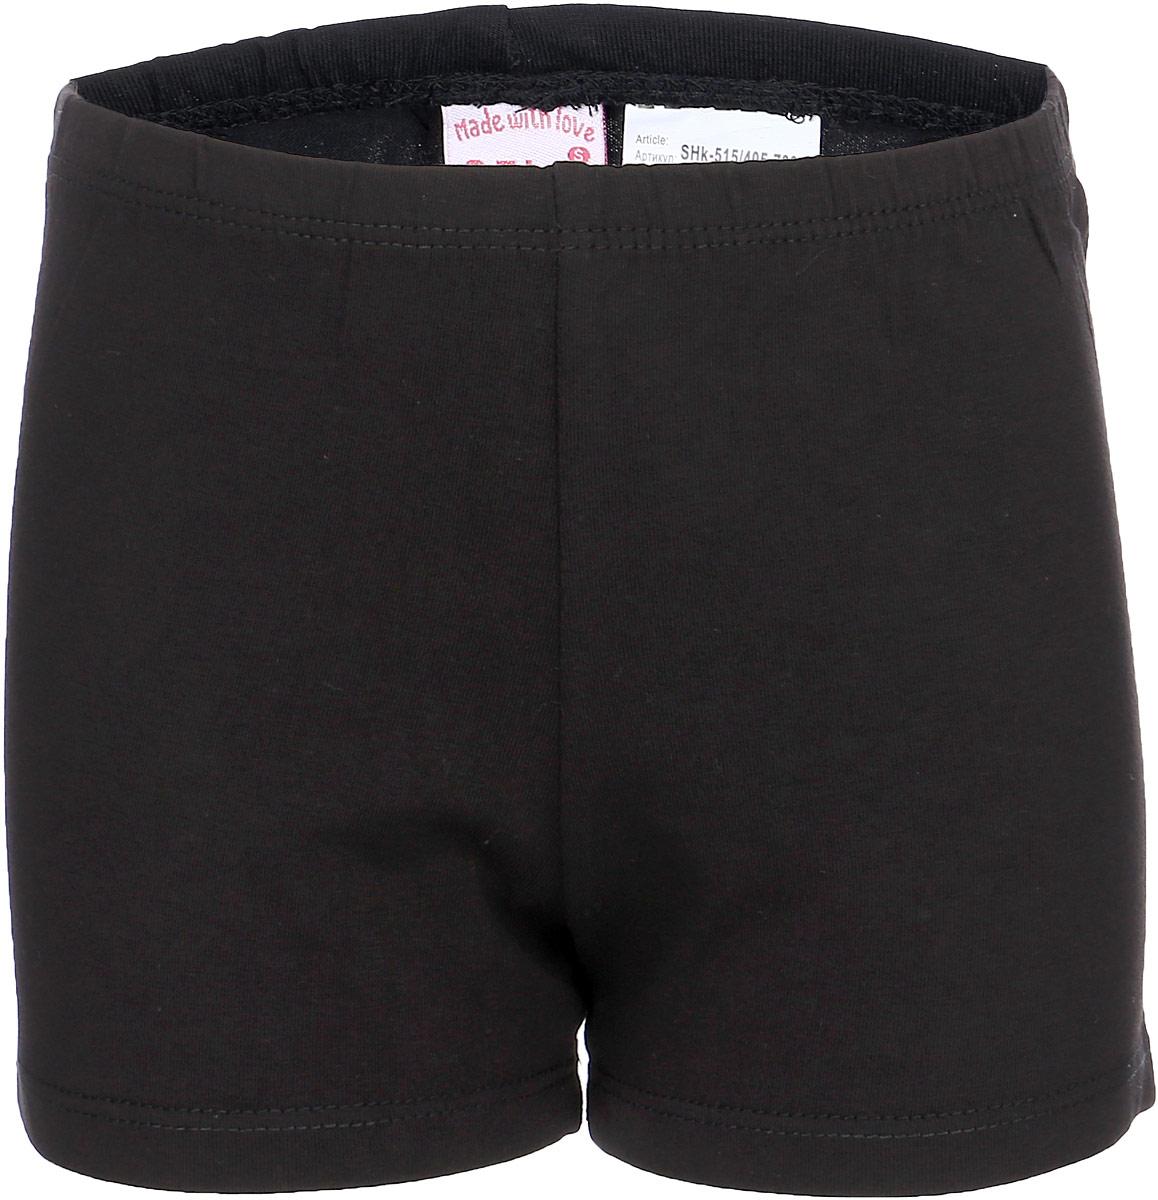 Шорты для девочки Sela, цвет: черный. SHk-515/405-7331. Размер 98, 3 годаSHk-515/405-7331Трикотажные шорты для девочки от Sela выполнены из эластичного хлопка. Модель на талии дополнена эластичной резинкой.